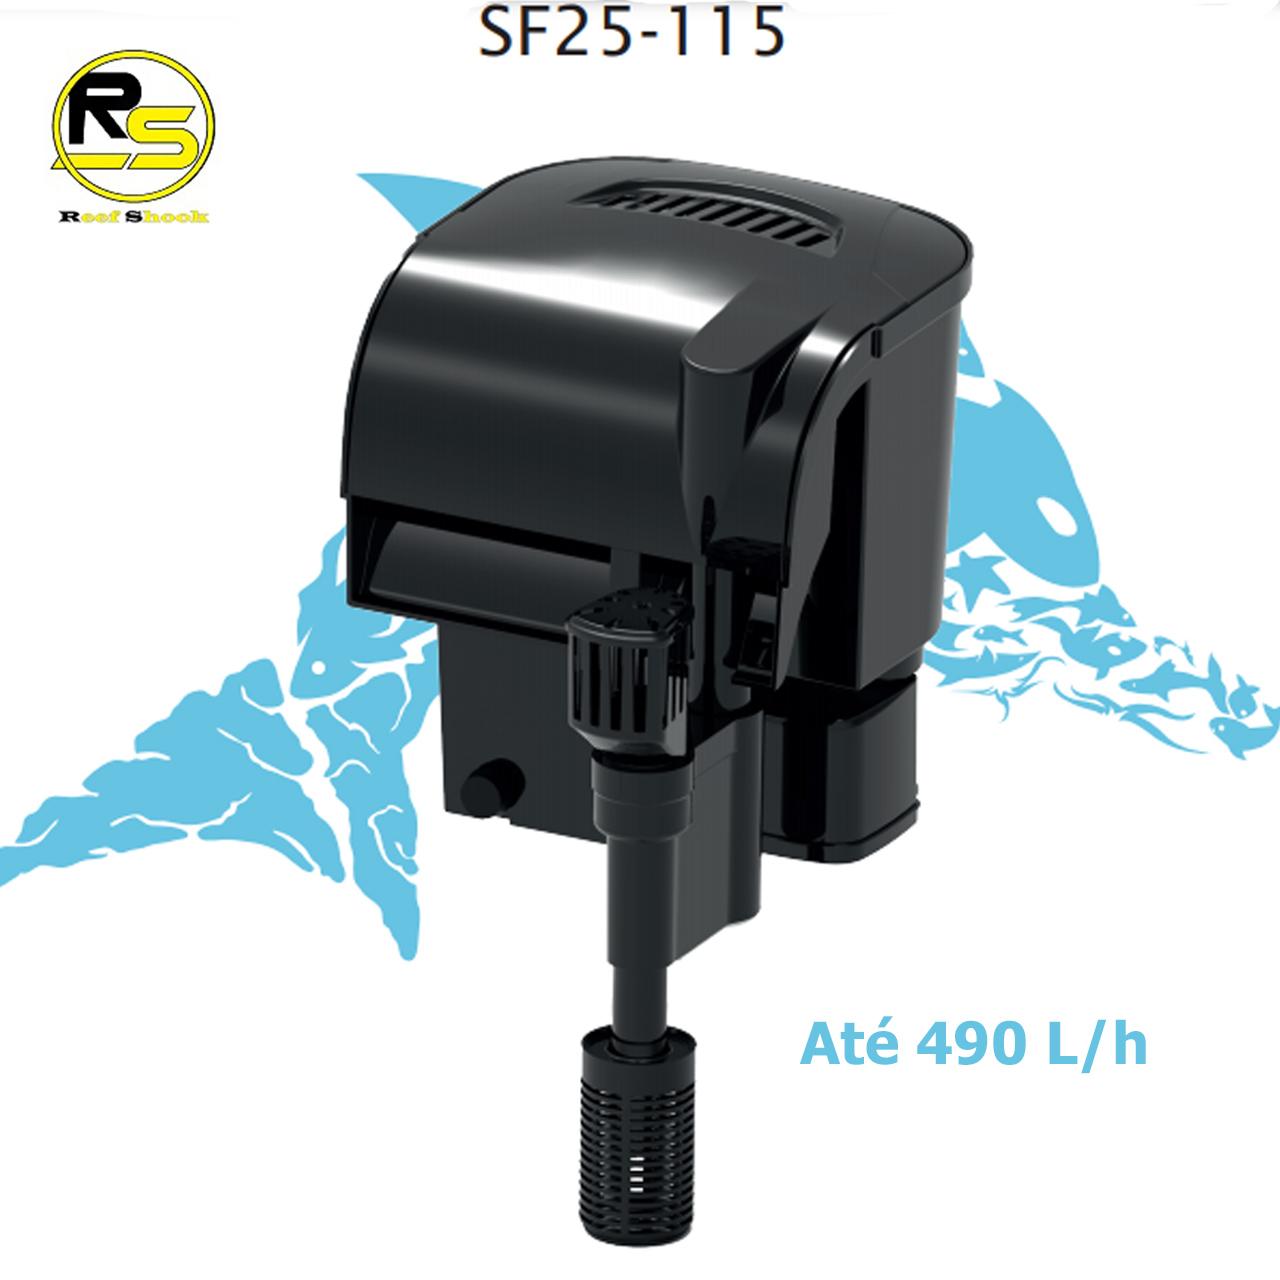 Filtro Externo Aquário Hang On Sf 25-115 Sarlo Better 490 Lh 110v ou 220v